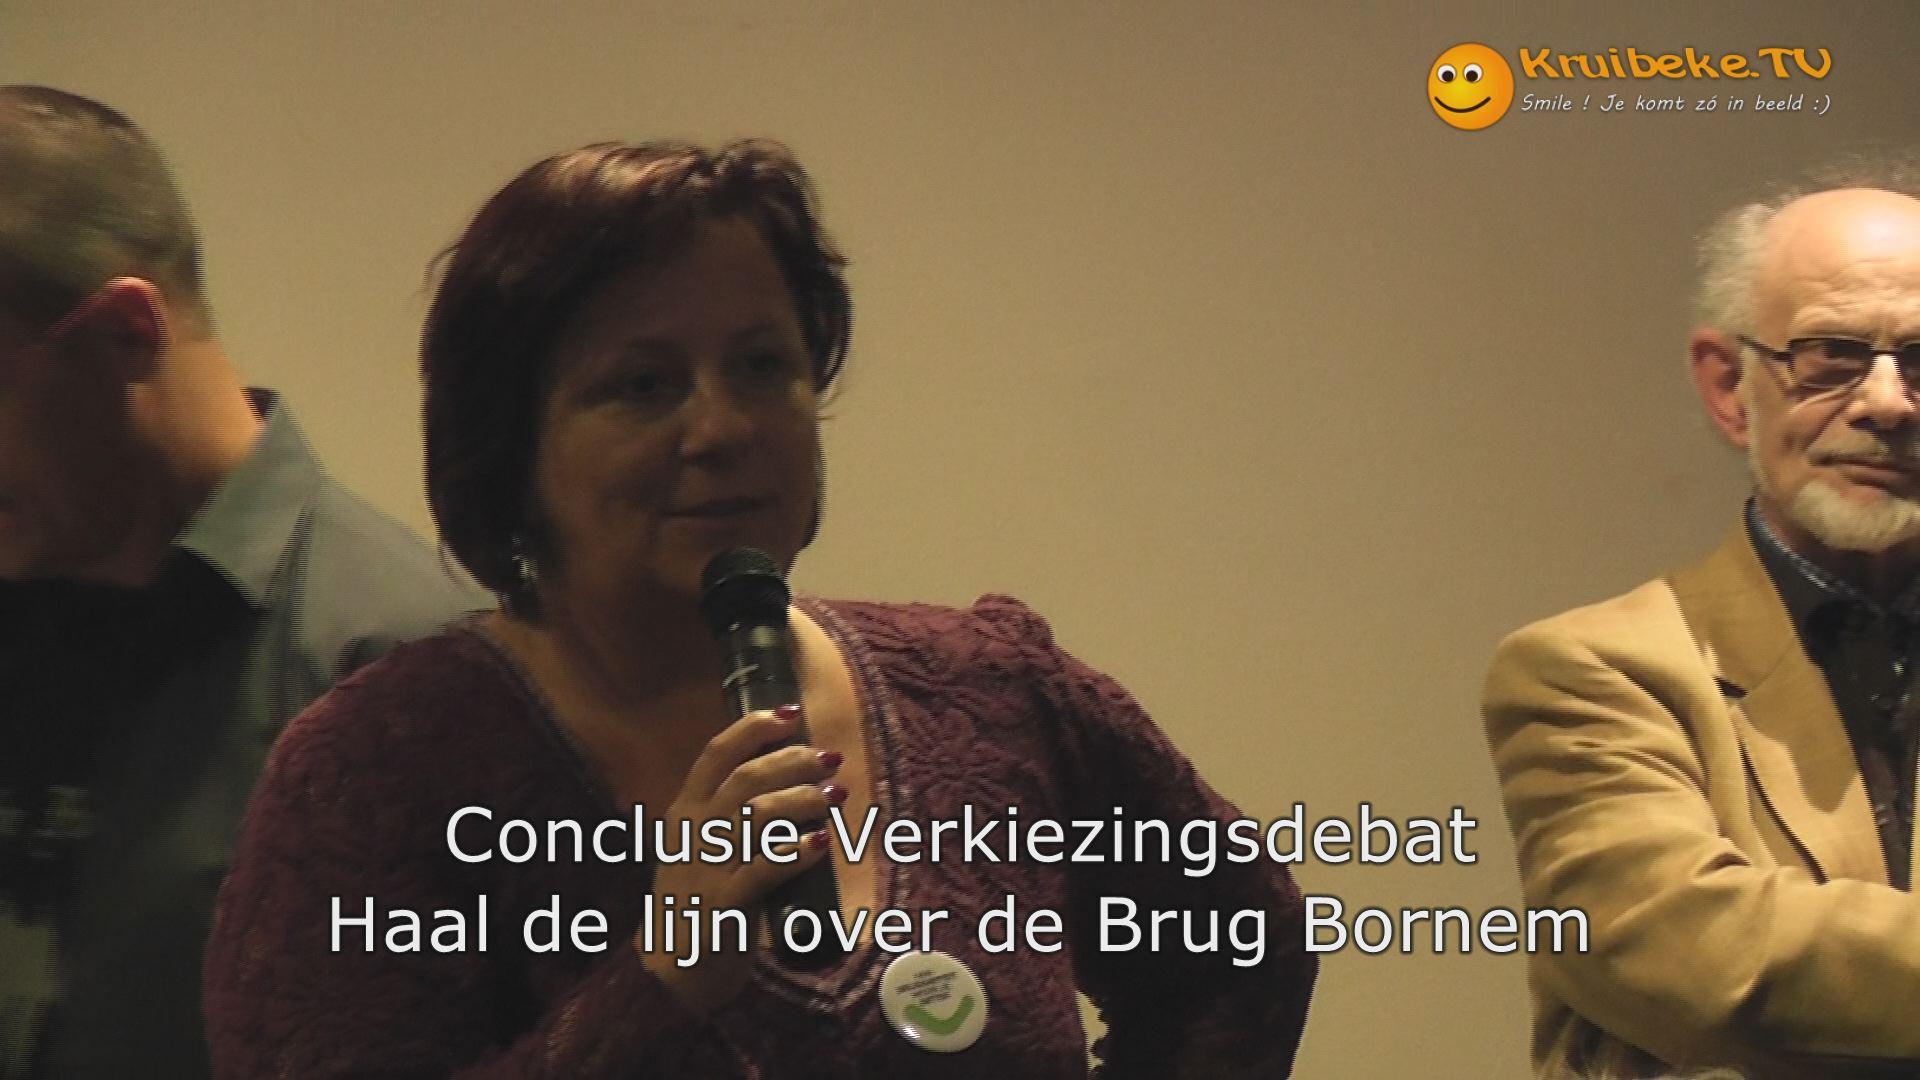 Conclusie mobiliteitsdebat Bornem